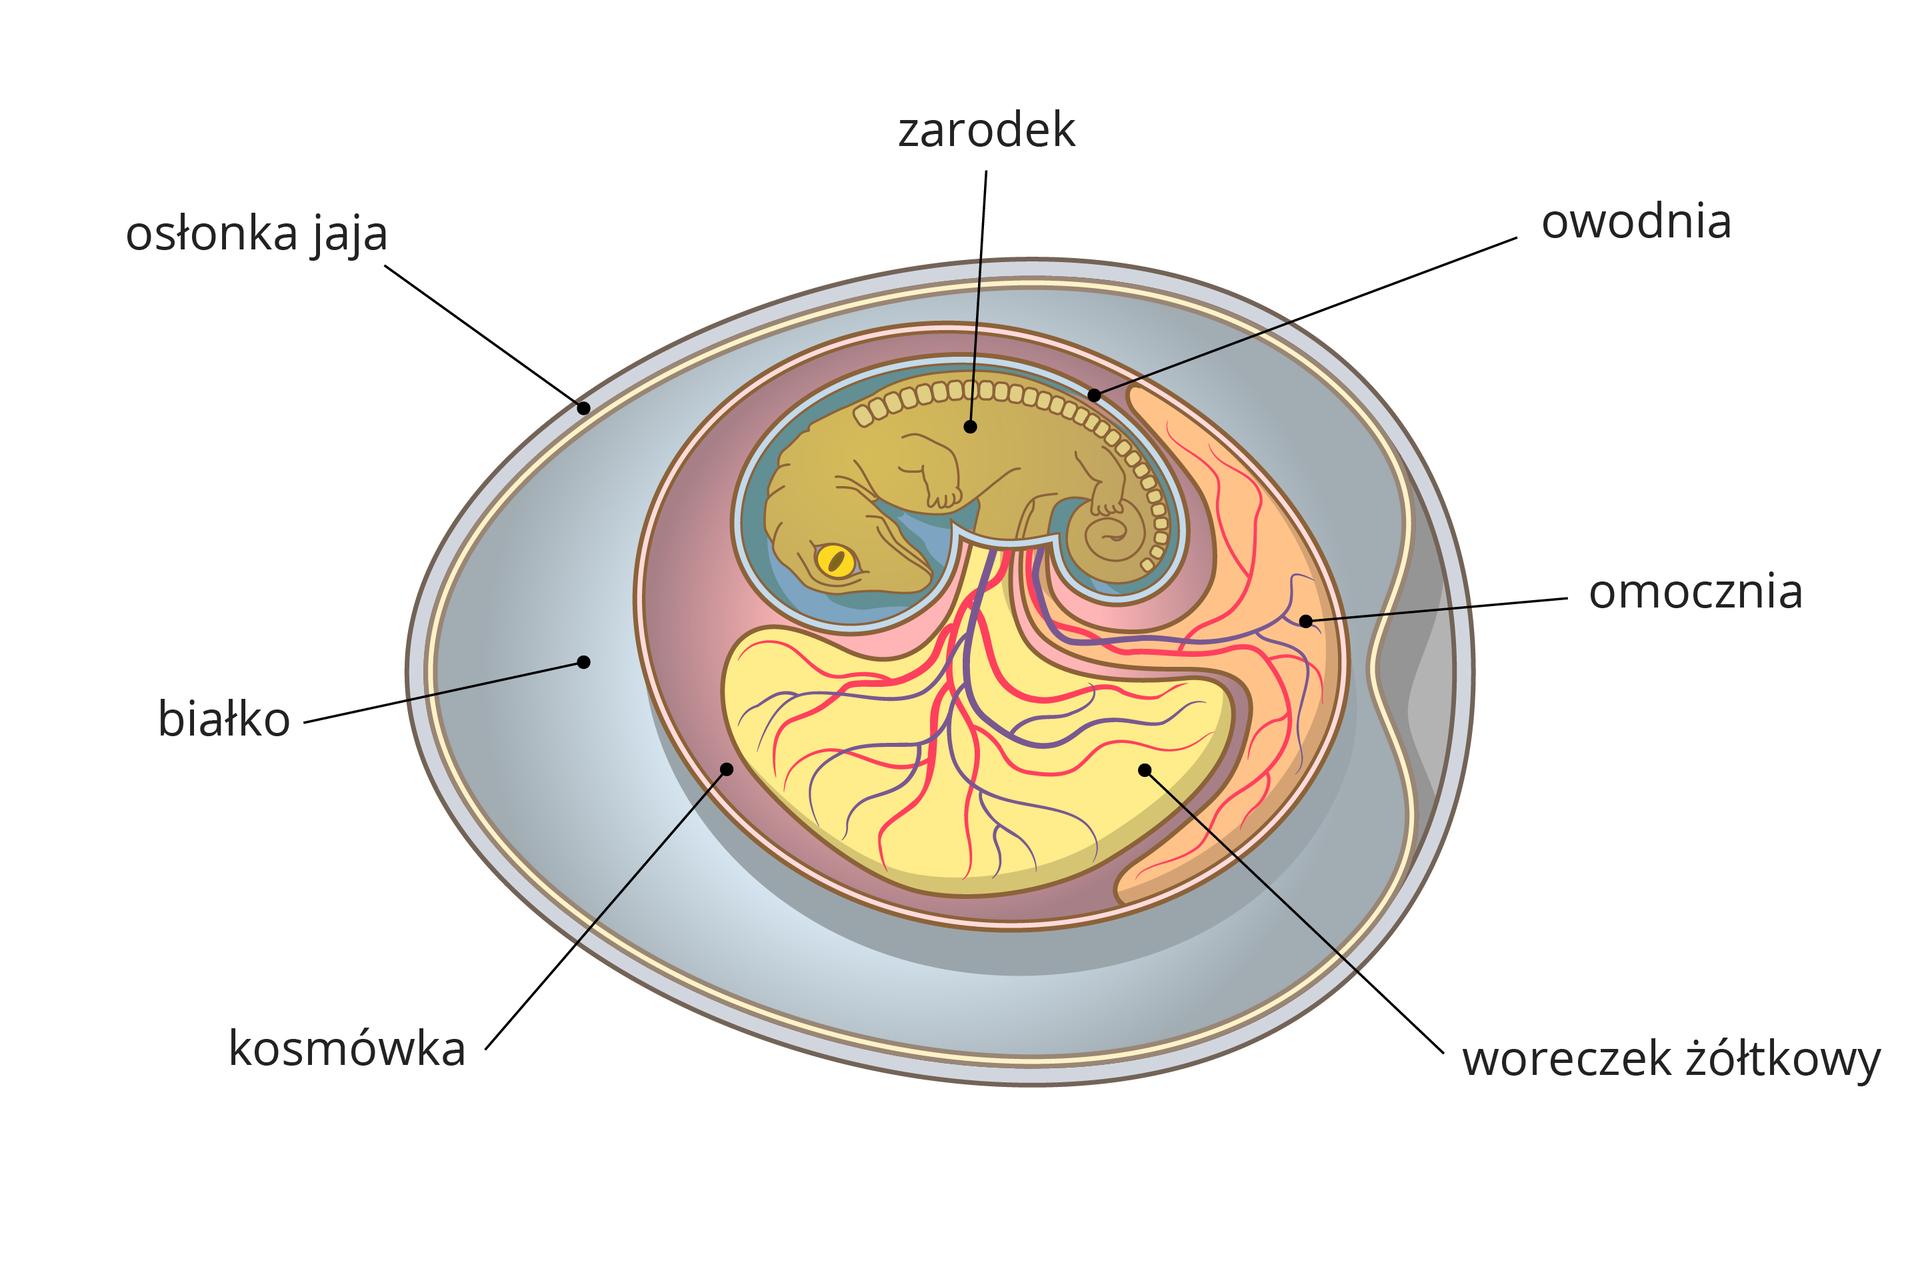 Ilustracja przedstawia poziomo błękitne jajo krokodyla, opisane: osłonka ibiałko. Wewnątrz liliowa kosmówka, beżowy woreczek żółtkowy iróżowa omocznia. Na nich znajdują się czerwone ifioletowe, rozgałęzione naczynia krwionośne. Ugóry wniebieskiej owodni zwinięty lekko wdół oliwkowy zarodek zżółtym okiem isznurem kostek, oznaczających kręgosłup. Wokolicy brzucha zarodek łączy się zżółtkiem iomocznią.